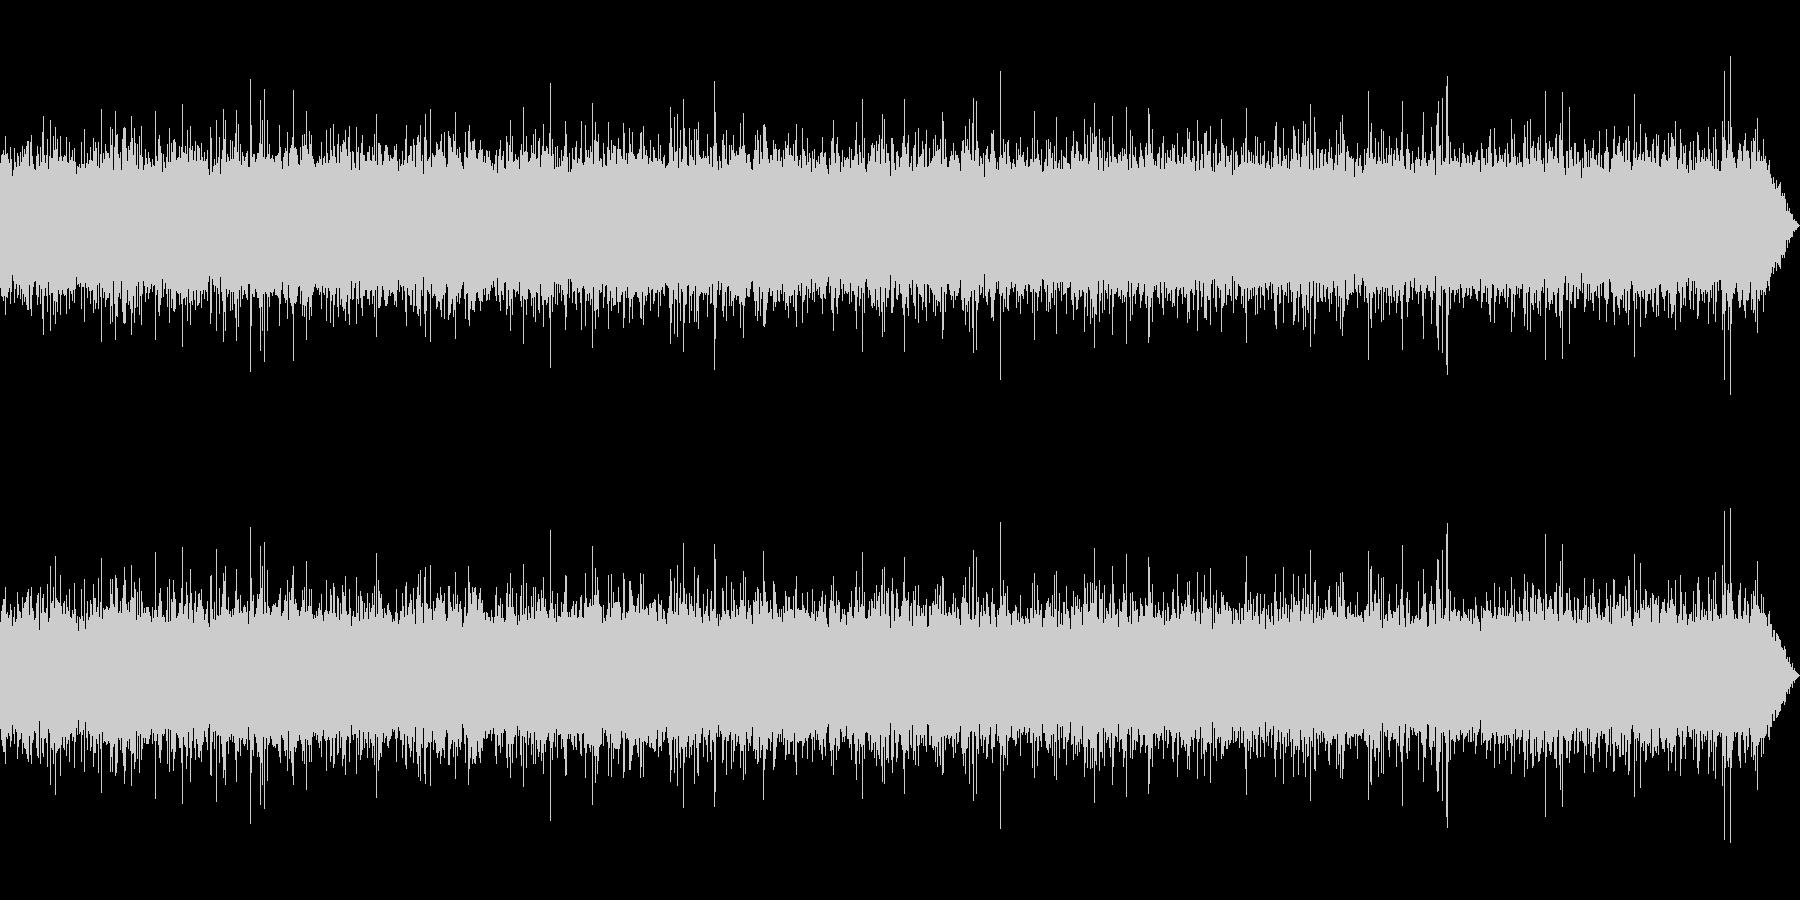 [生録音]渓流、河川の流れる音01-1の未再生の波形